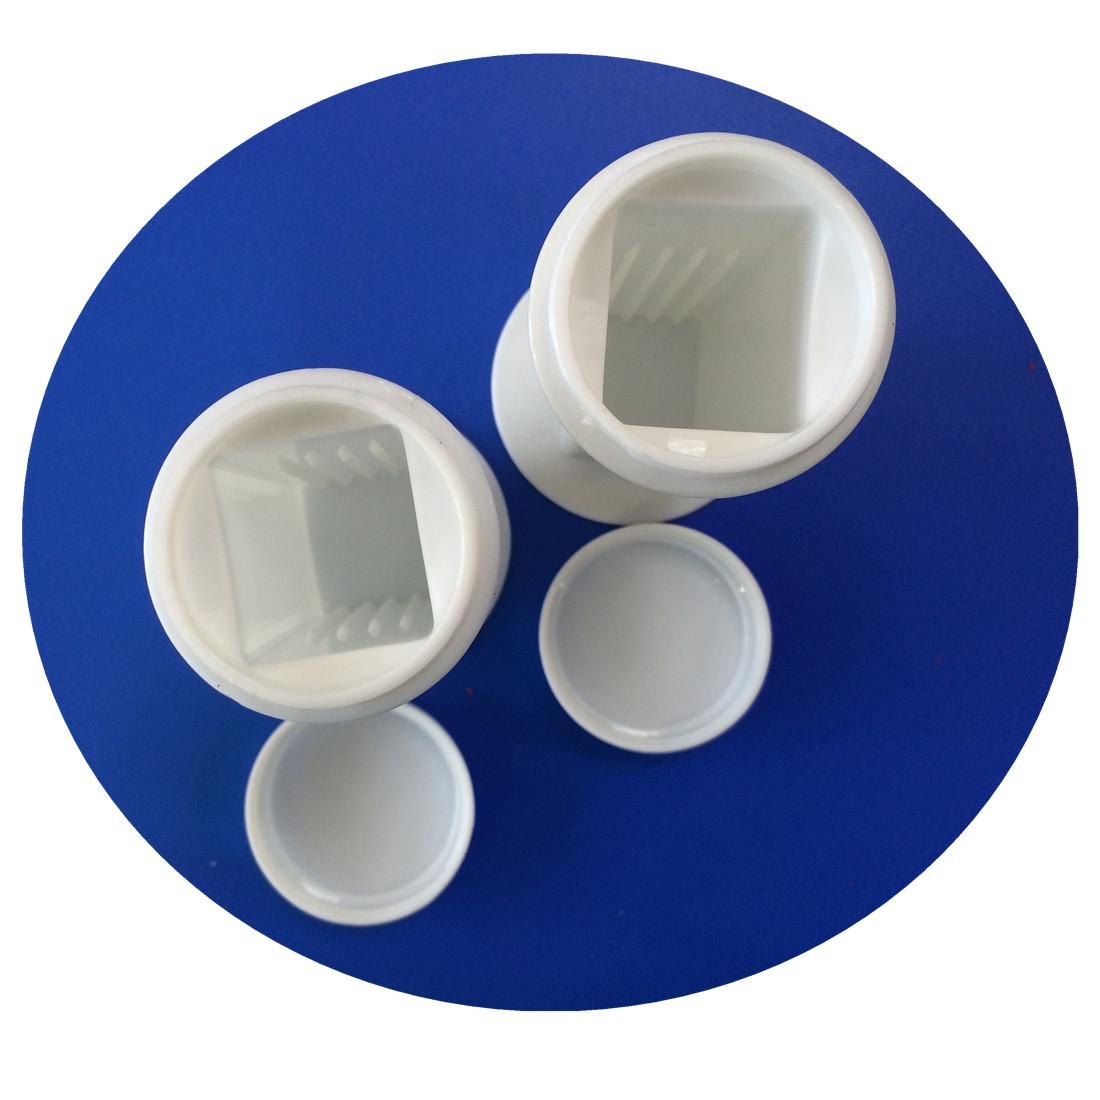 購買專業的塑料染色缸圓形塑料載玻片染色缸優選陶邁森   -江西廠家推薦載玻染色缸